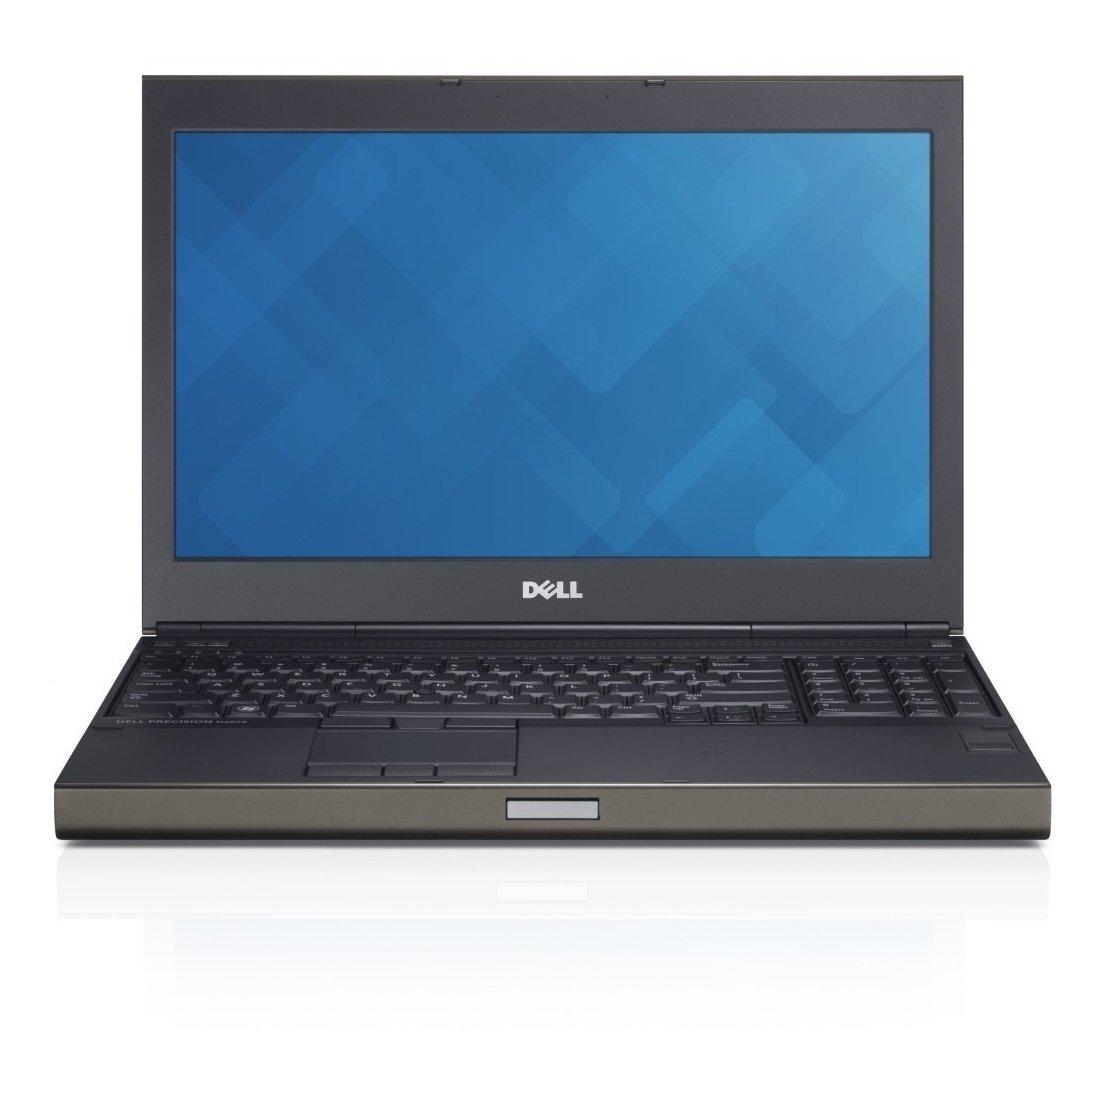 """مشخصات، قیمت و خرید لپ تاپ Dell Precision M4800 15.6"""" i7 4810MQ Quadro K2100M BestLaptop4u.com"""